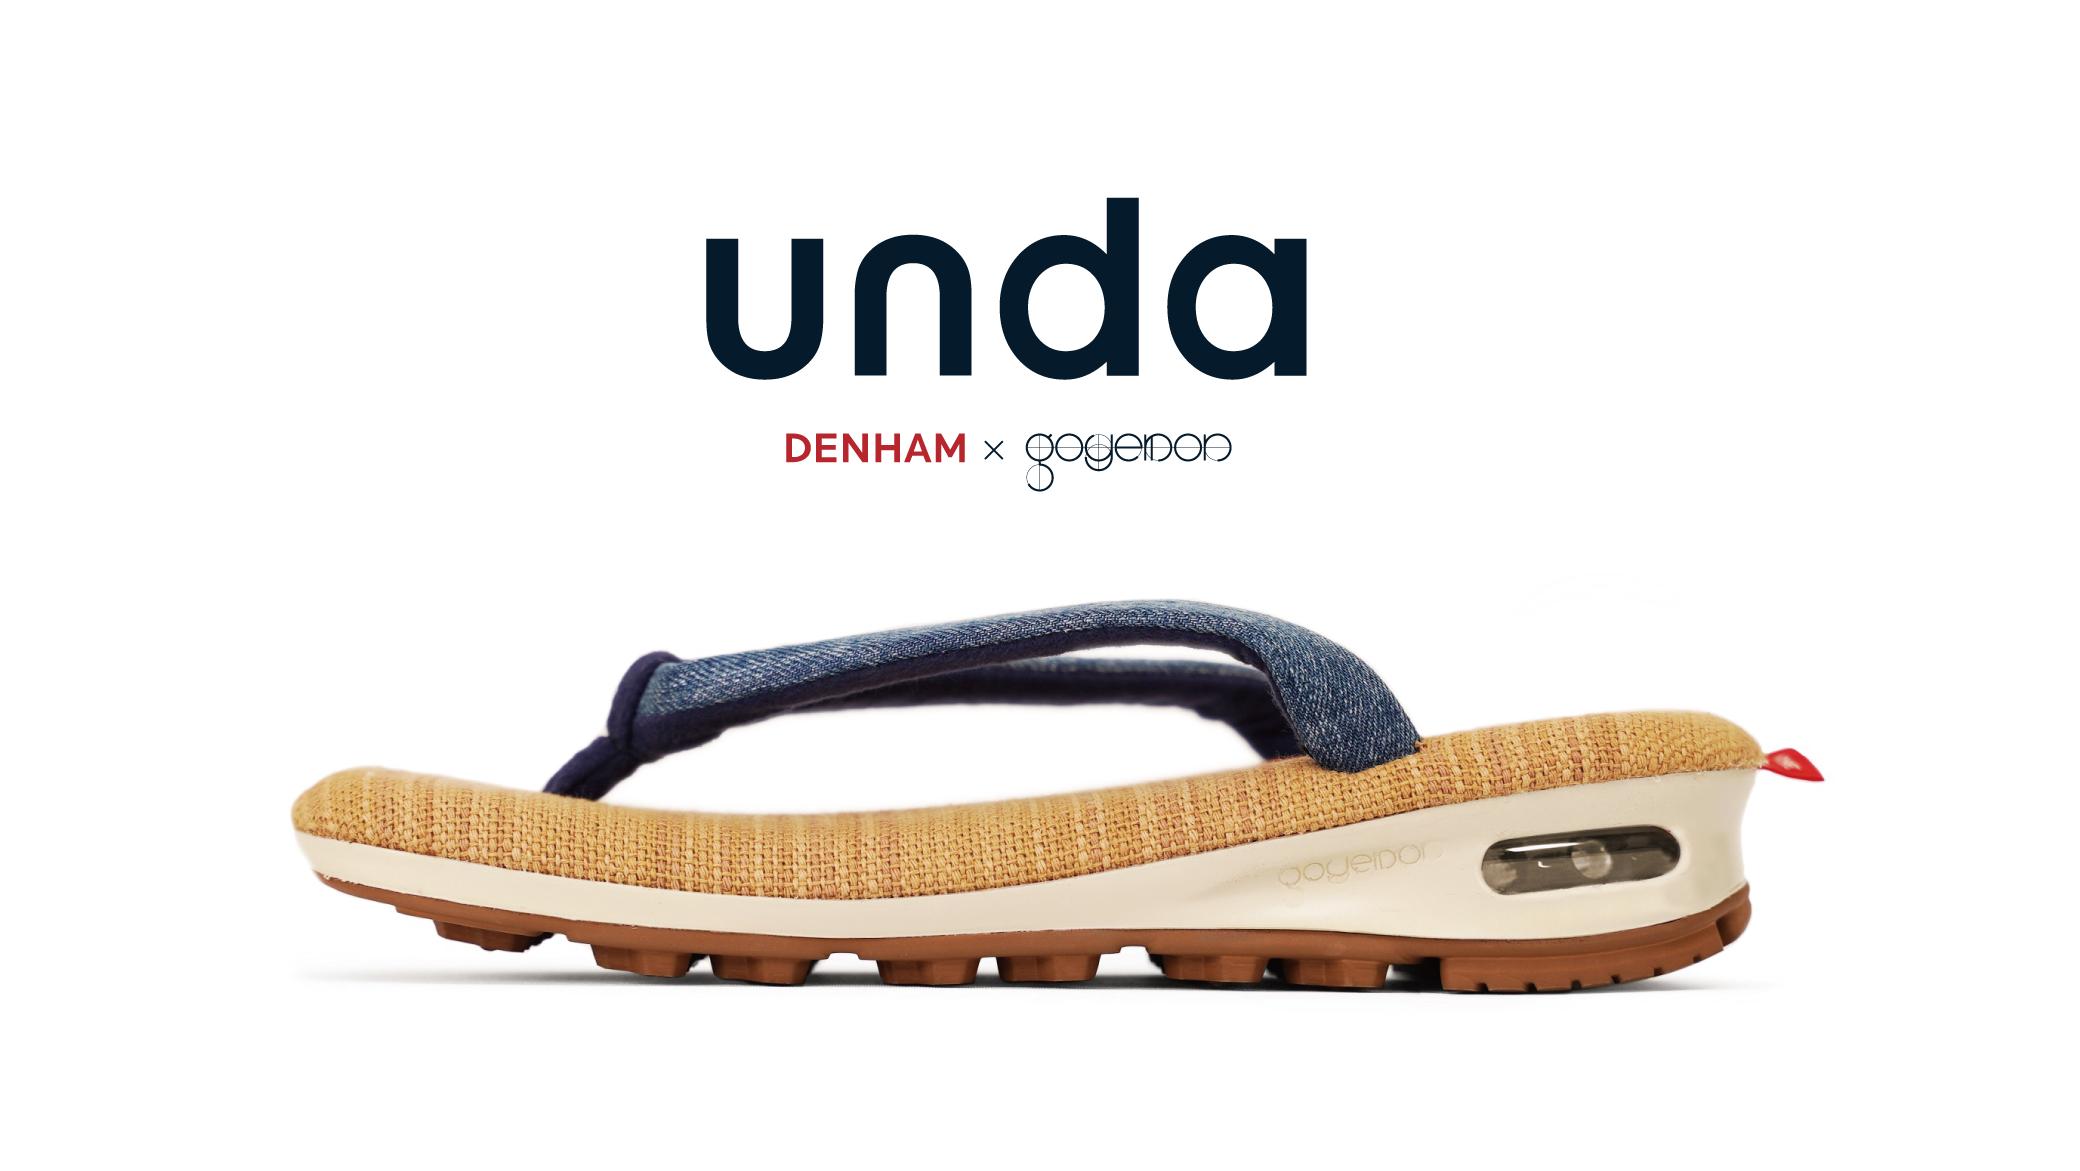 【雪駄×スニーカー「unda-雲駄-」】DENHAMとの別注モデルを発表。goyemon初となる33cm対応のXXLサイズもラインナップ。